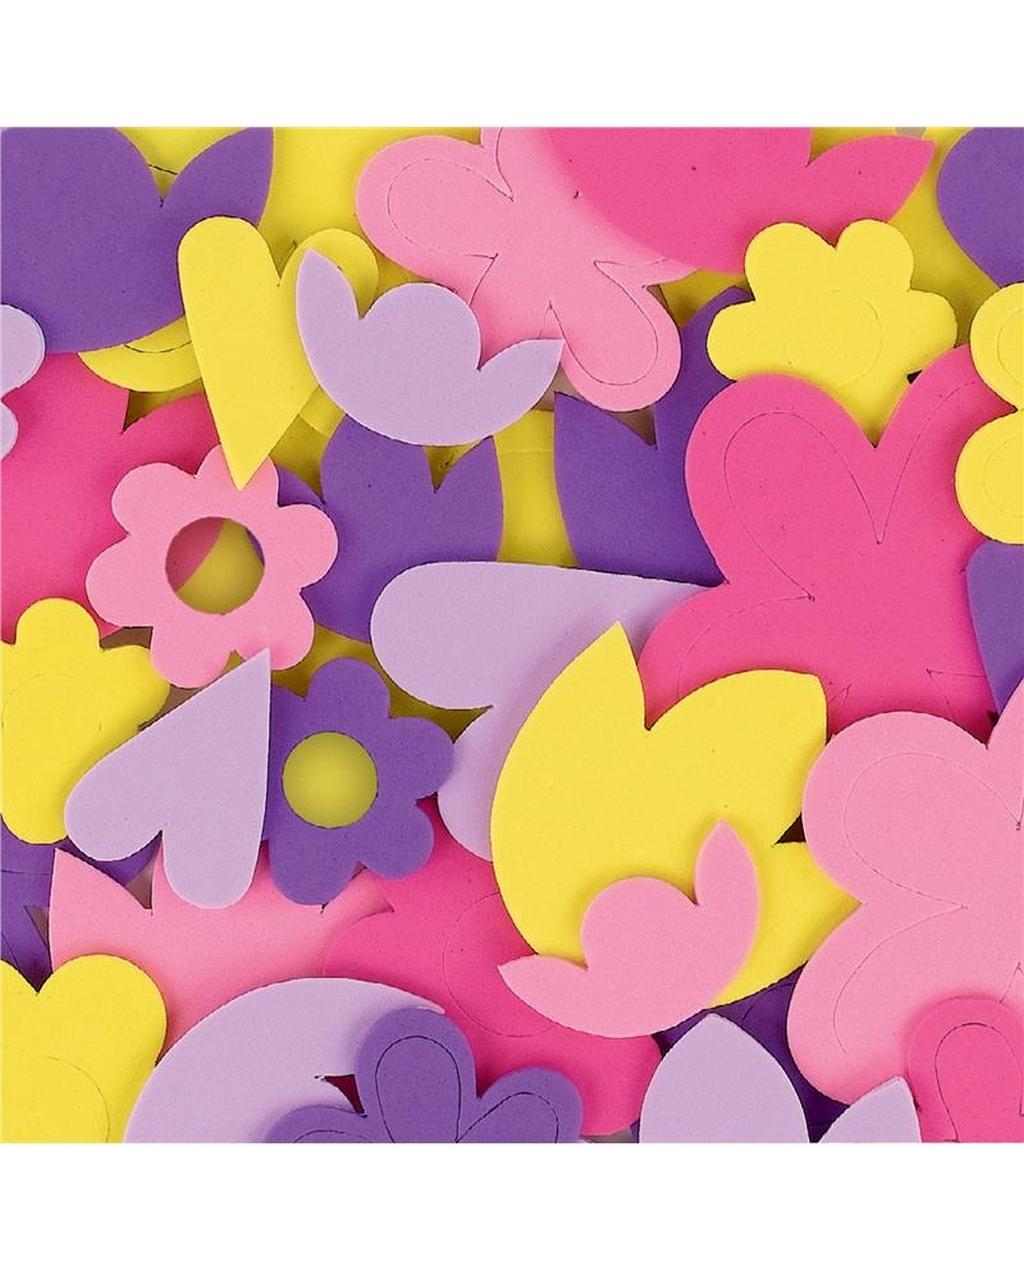 Foam Shapes - Flowers